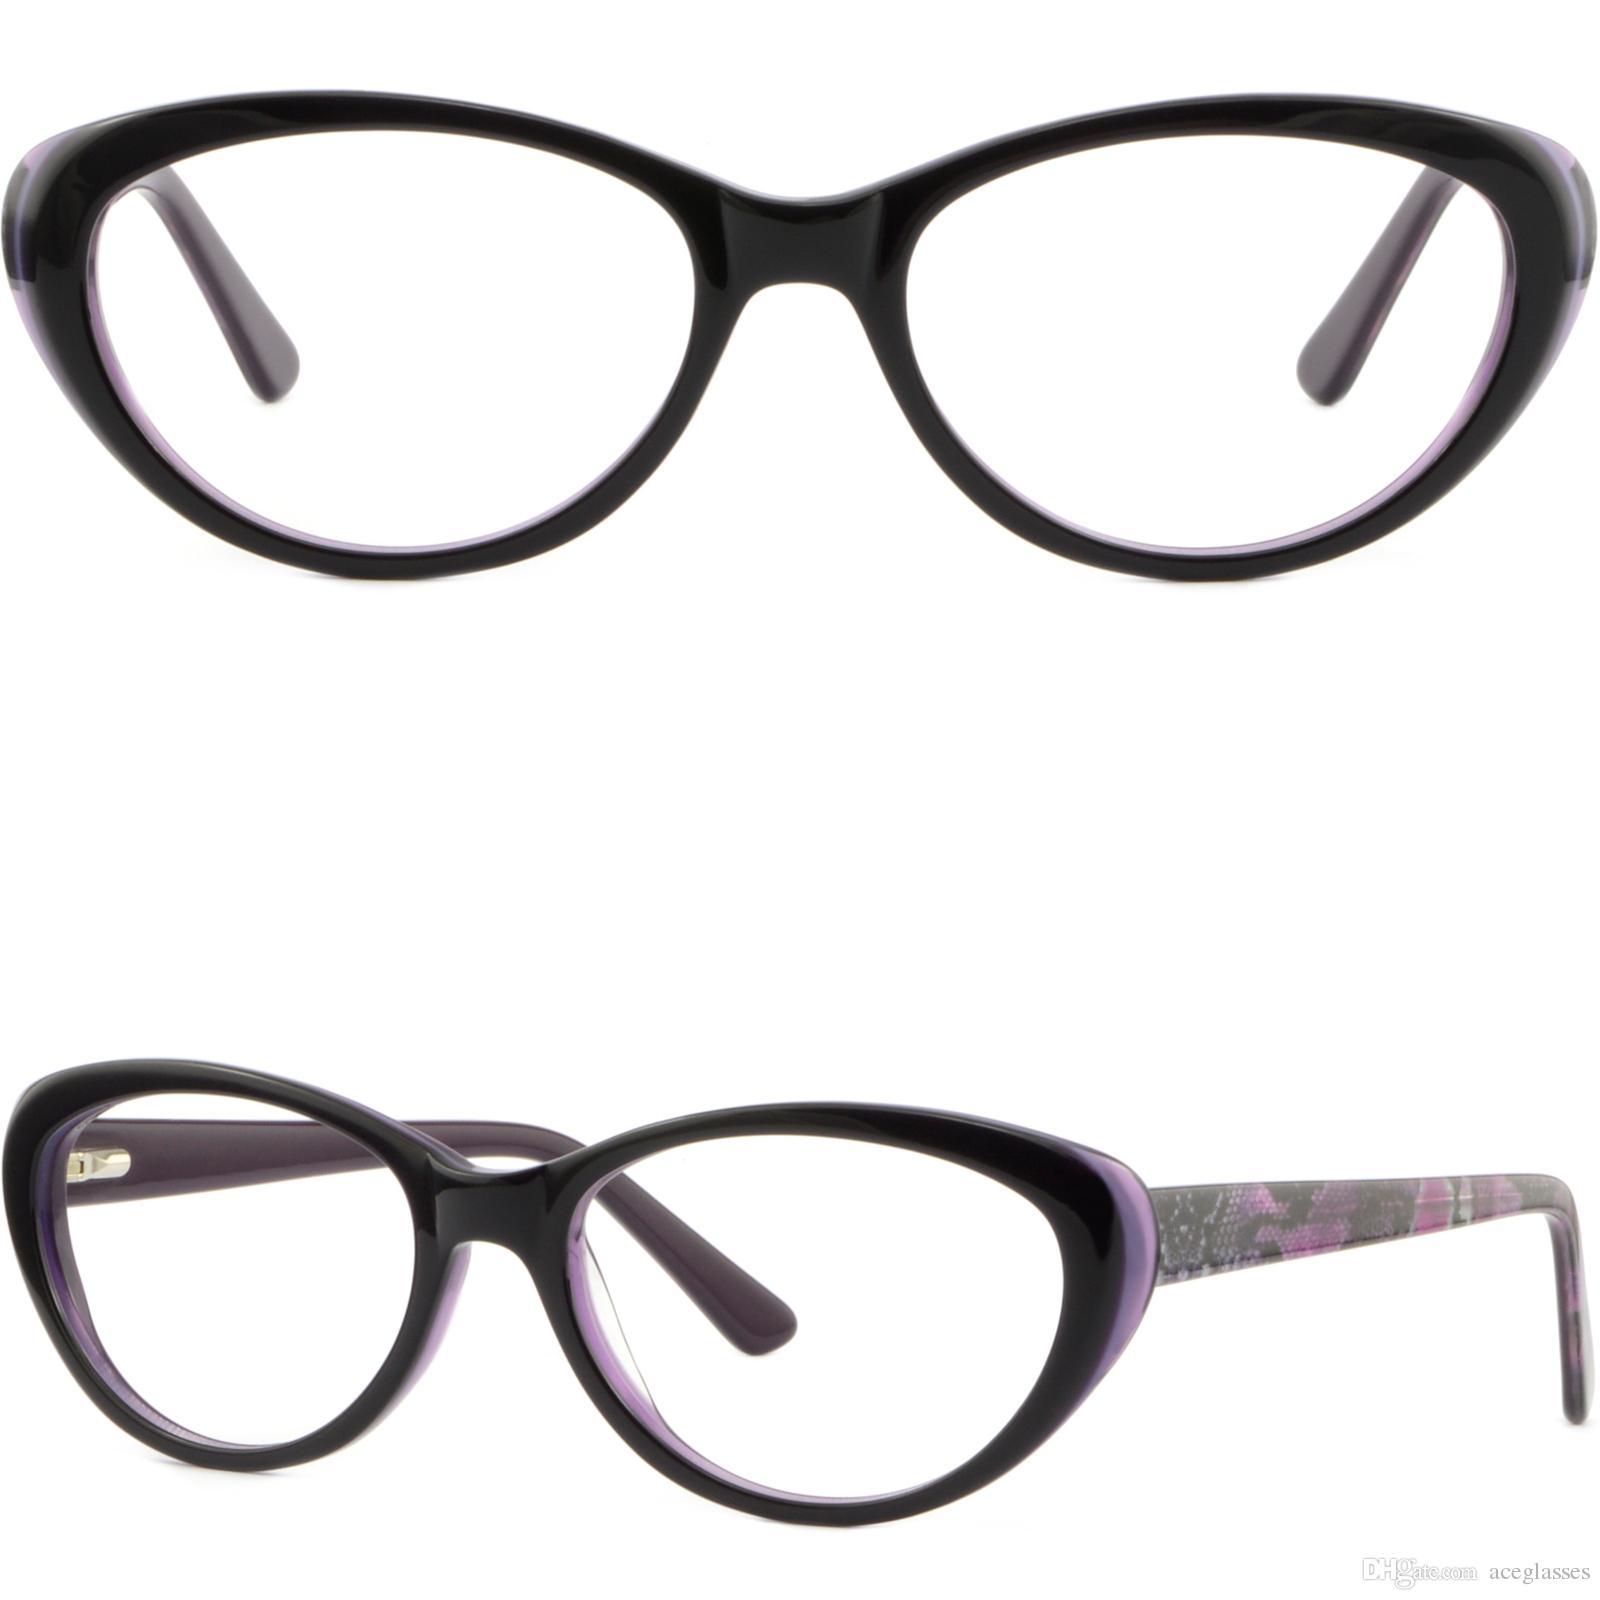 Großhandel Oval Frauen Rahmen Frühling Aufklappbare Brille Cateye ...